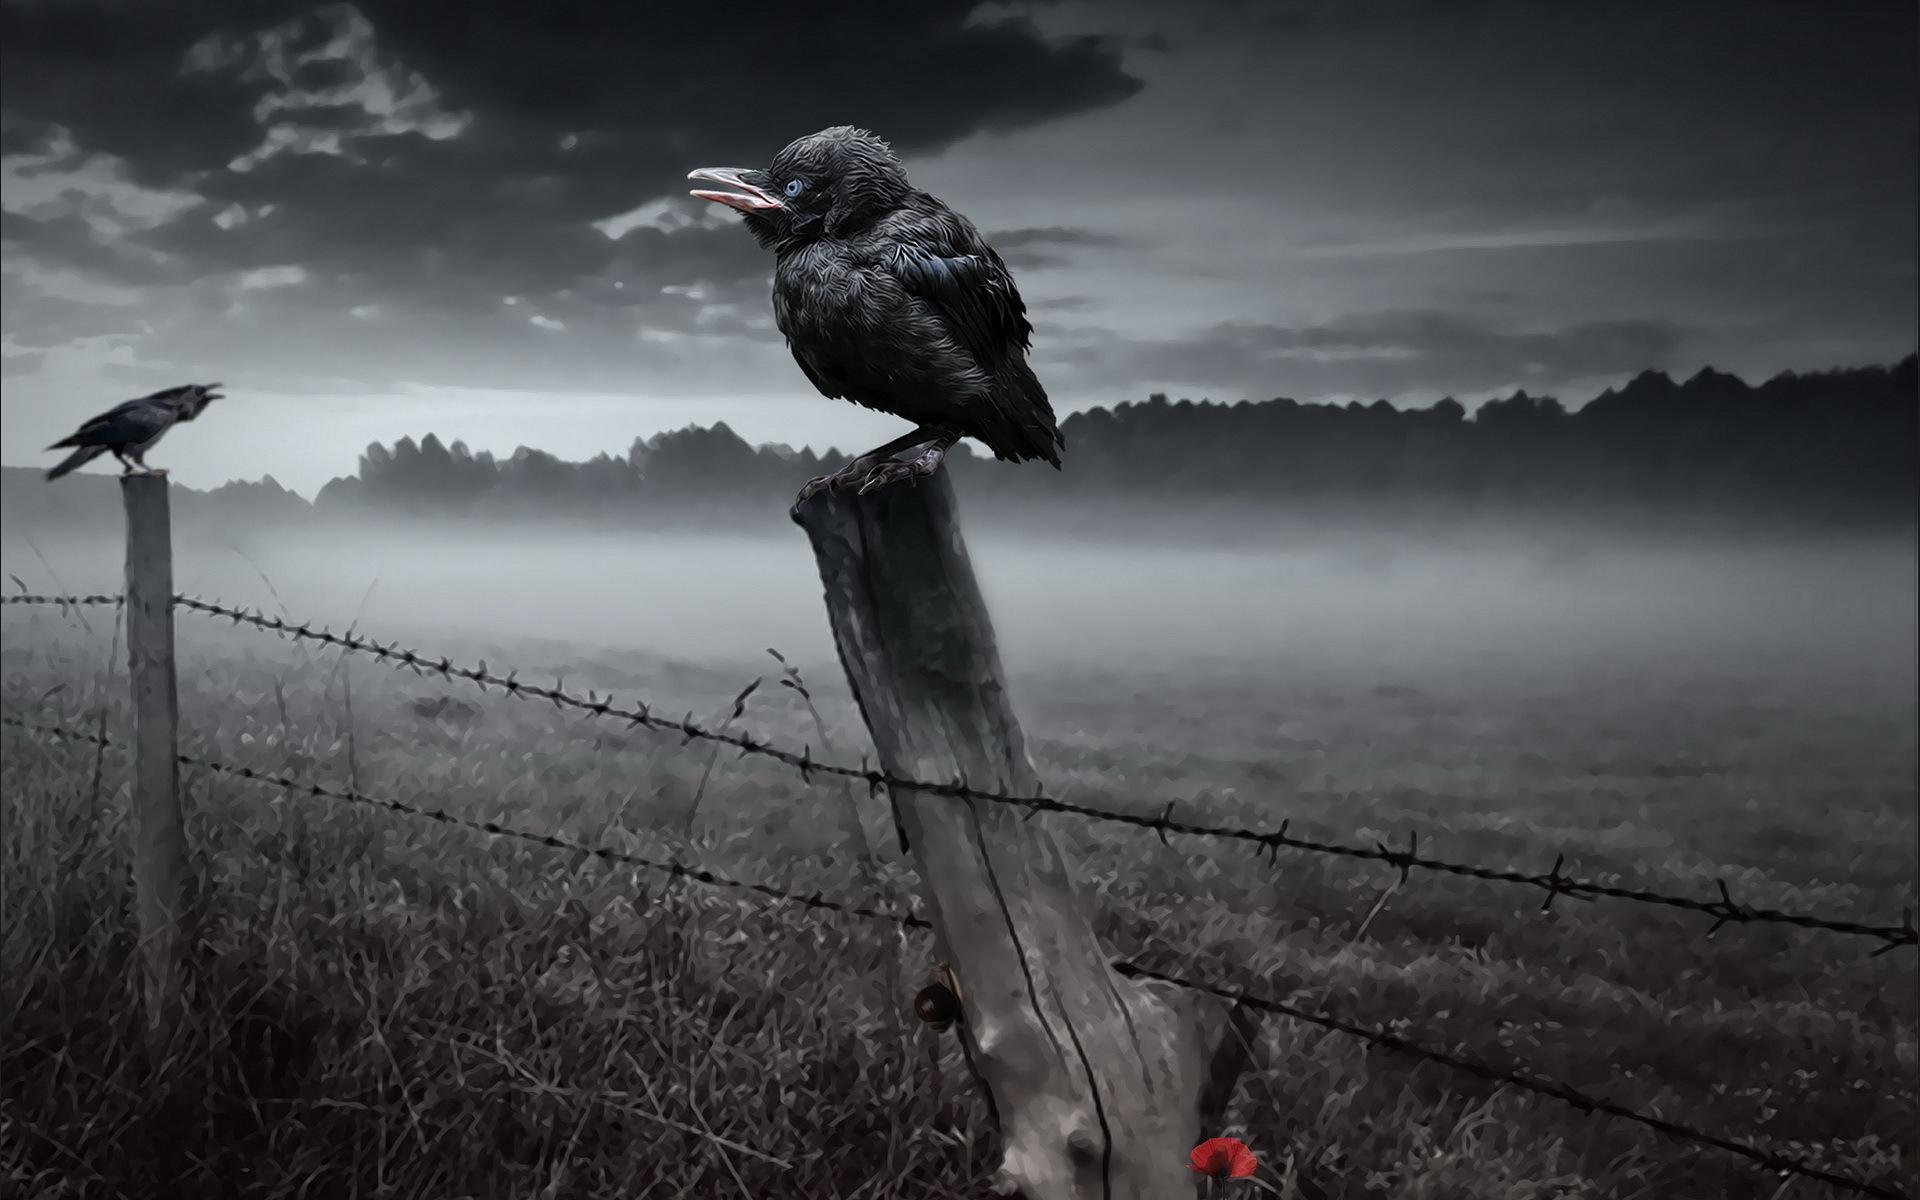 Wallpaper 1920x1200 Px Dark Death Fence Fog Gothic